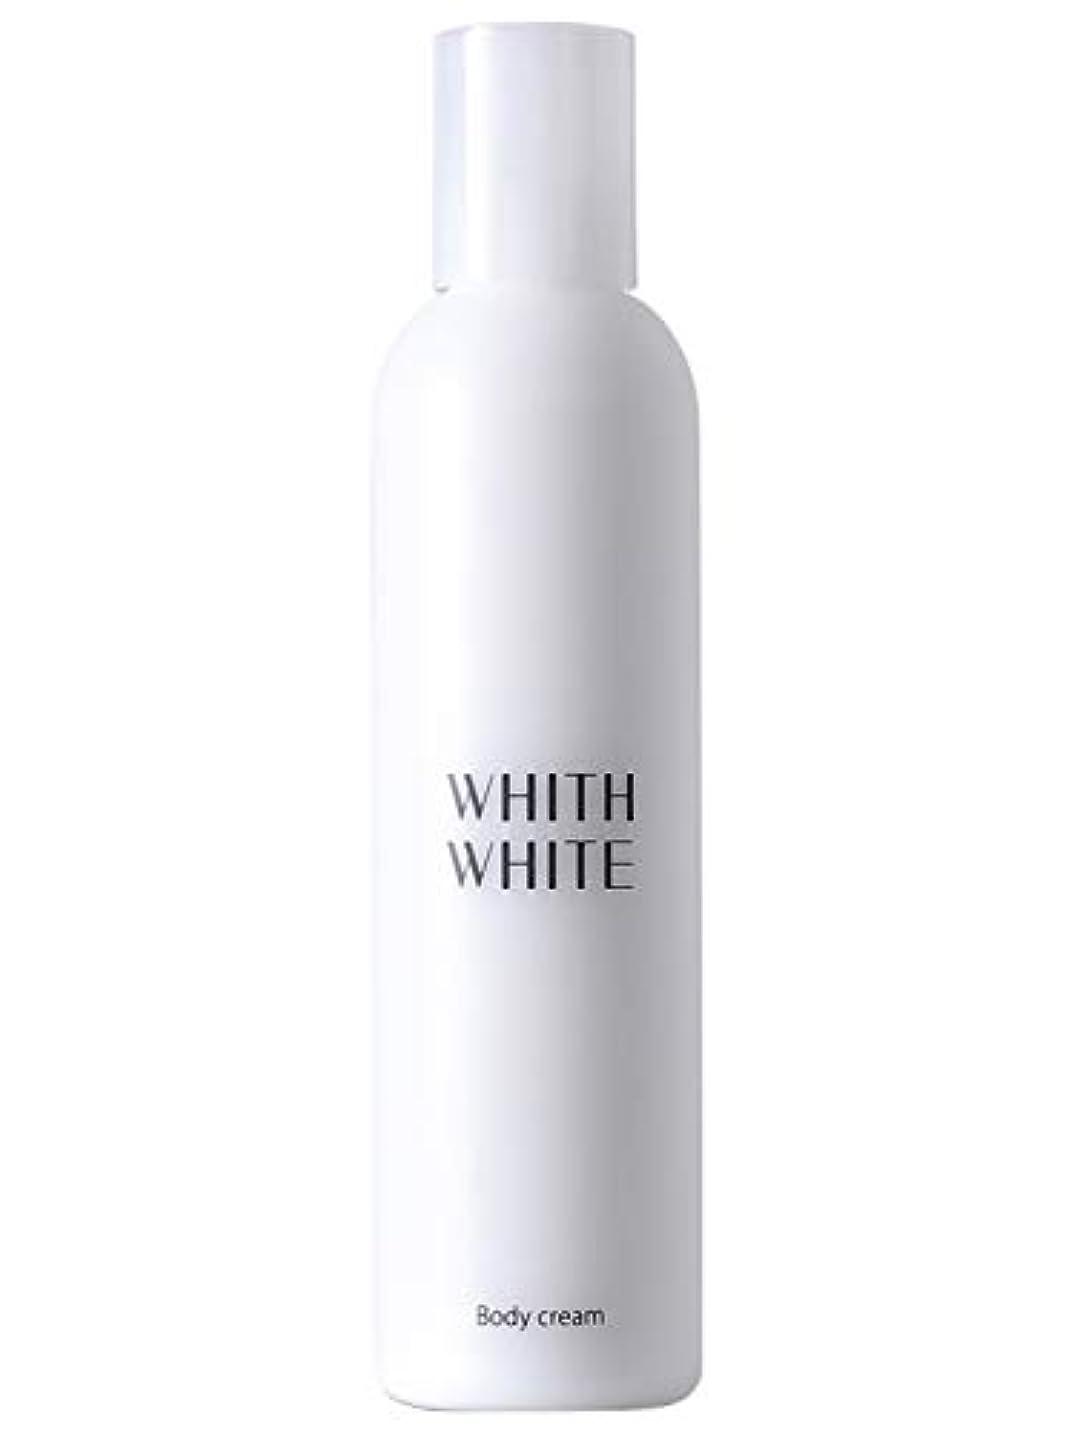 パンツ直面するトレーダーフィス ホワイト 保湿 ボディクリーム 「顔 かかと 全身 乾燥肌 しみ くすみ 用 エモリエント 保湿クリーム 」200g